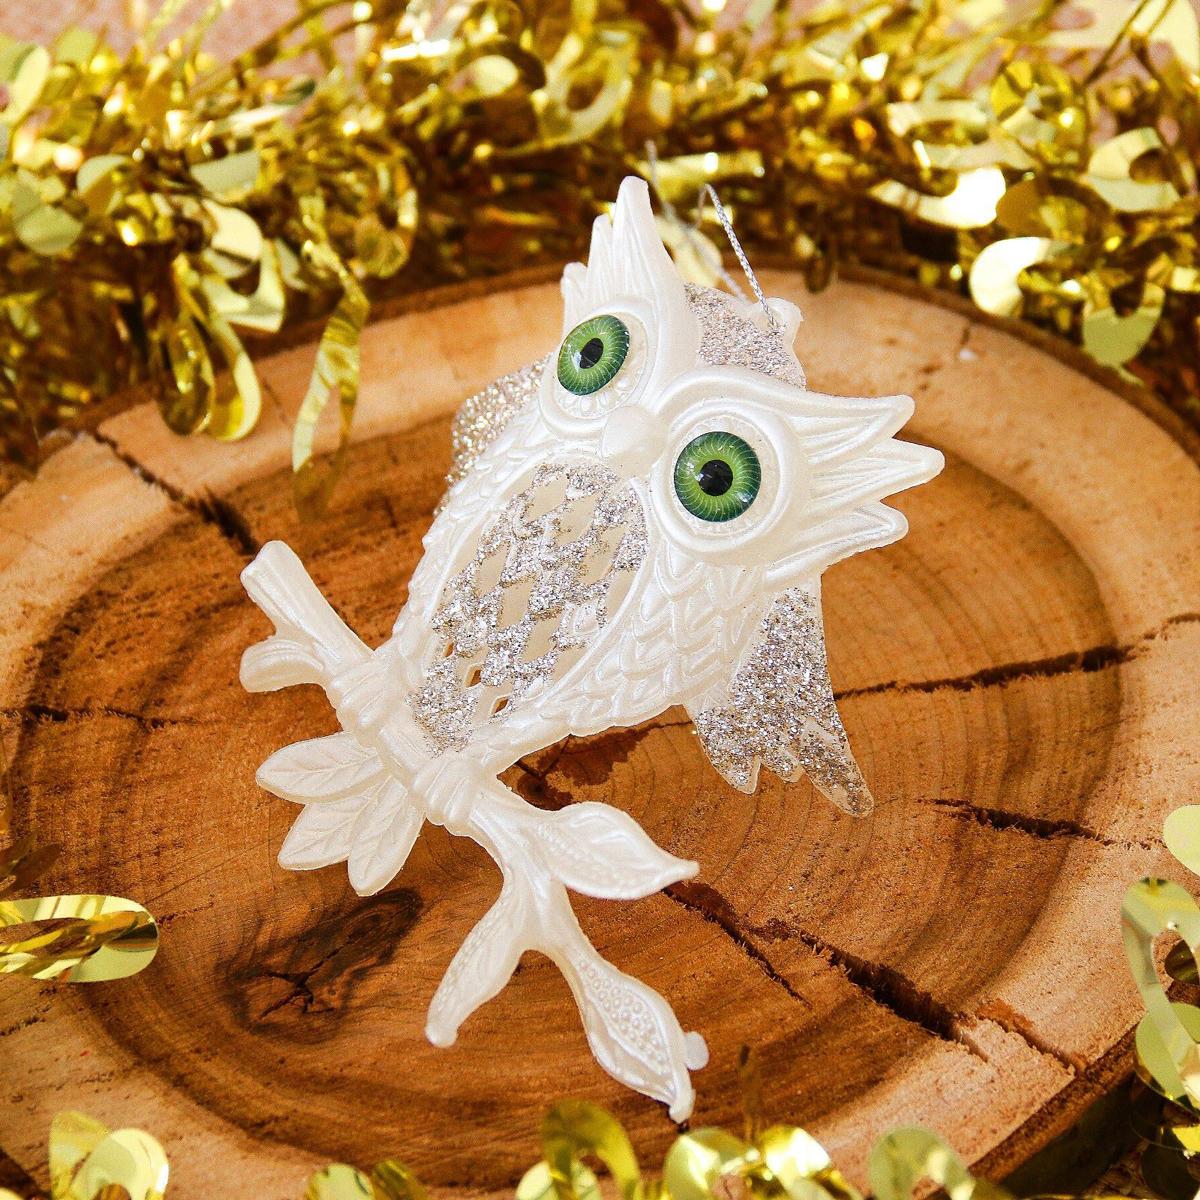 Новогоднее подвесное украшение Филин, 10 х 10 см2371447Новогоднее подвесное украшение отлично подойдет для декорации вашего дома и новогодней ели. С помощью специальной петельки украшение можно повесить в любом понравившемся вам месте. Но, конечно, удачнее всего оно будет смотреться на праздничной елке.Елочная игрушка - символ Нового года. Она несет в себе волшебство и красоту праздника. Такое украшение создаст в вашем доме атмосферу праздника, веселья и радости.